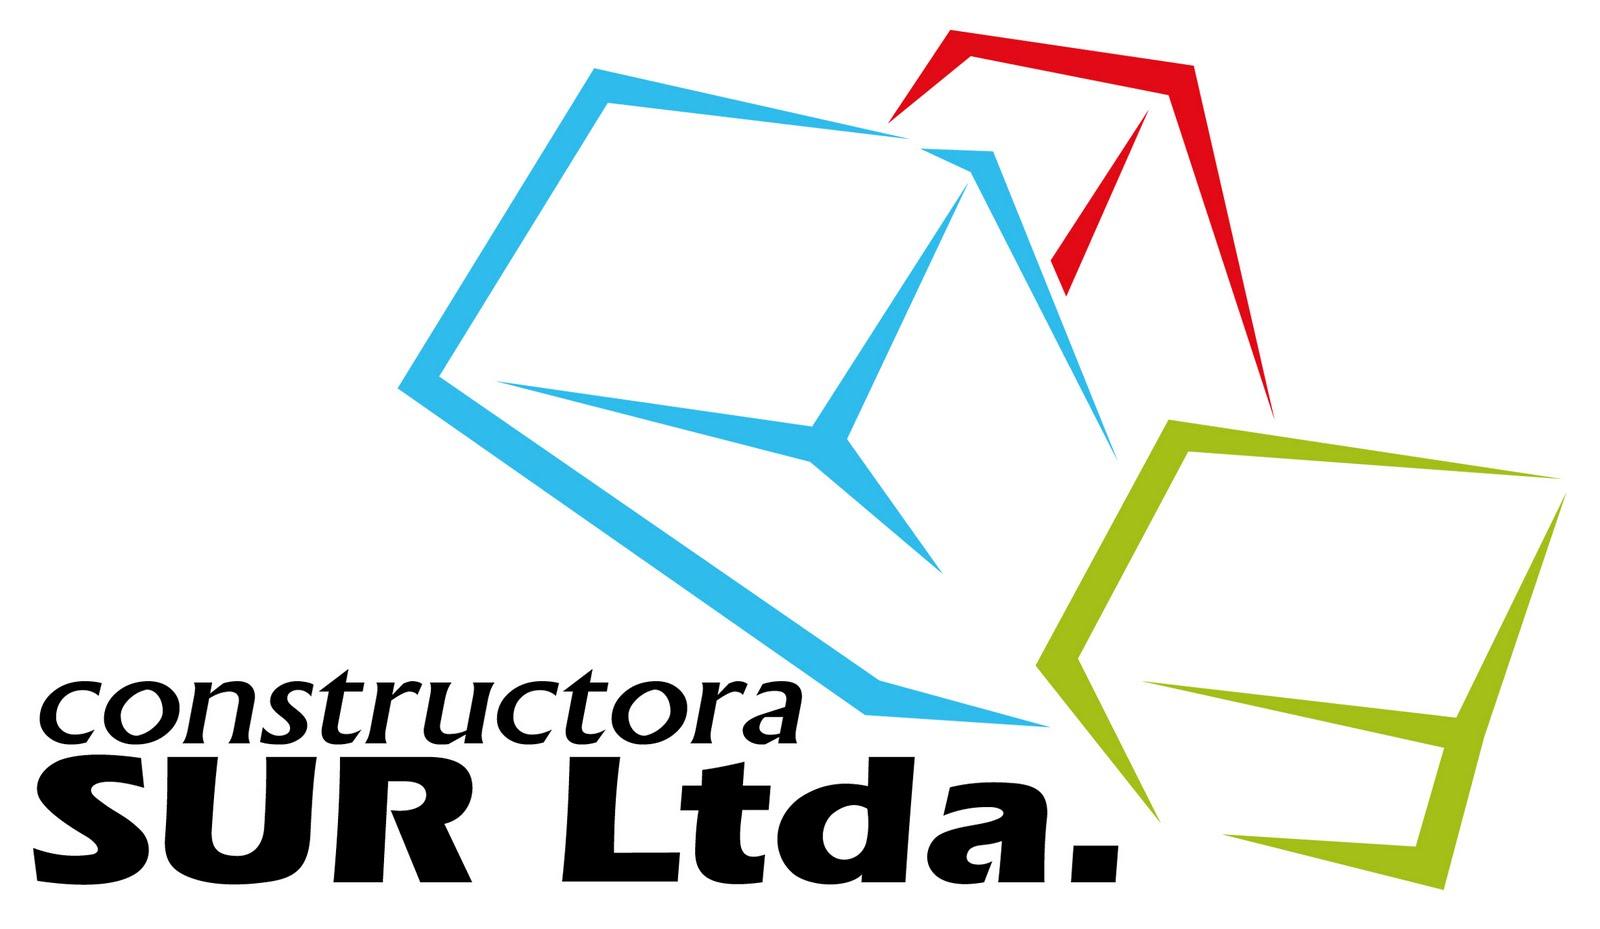 Constructora sur limitada for Constructora